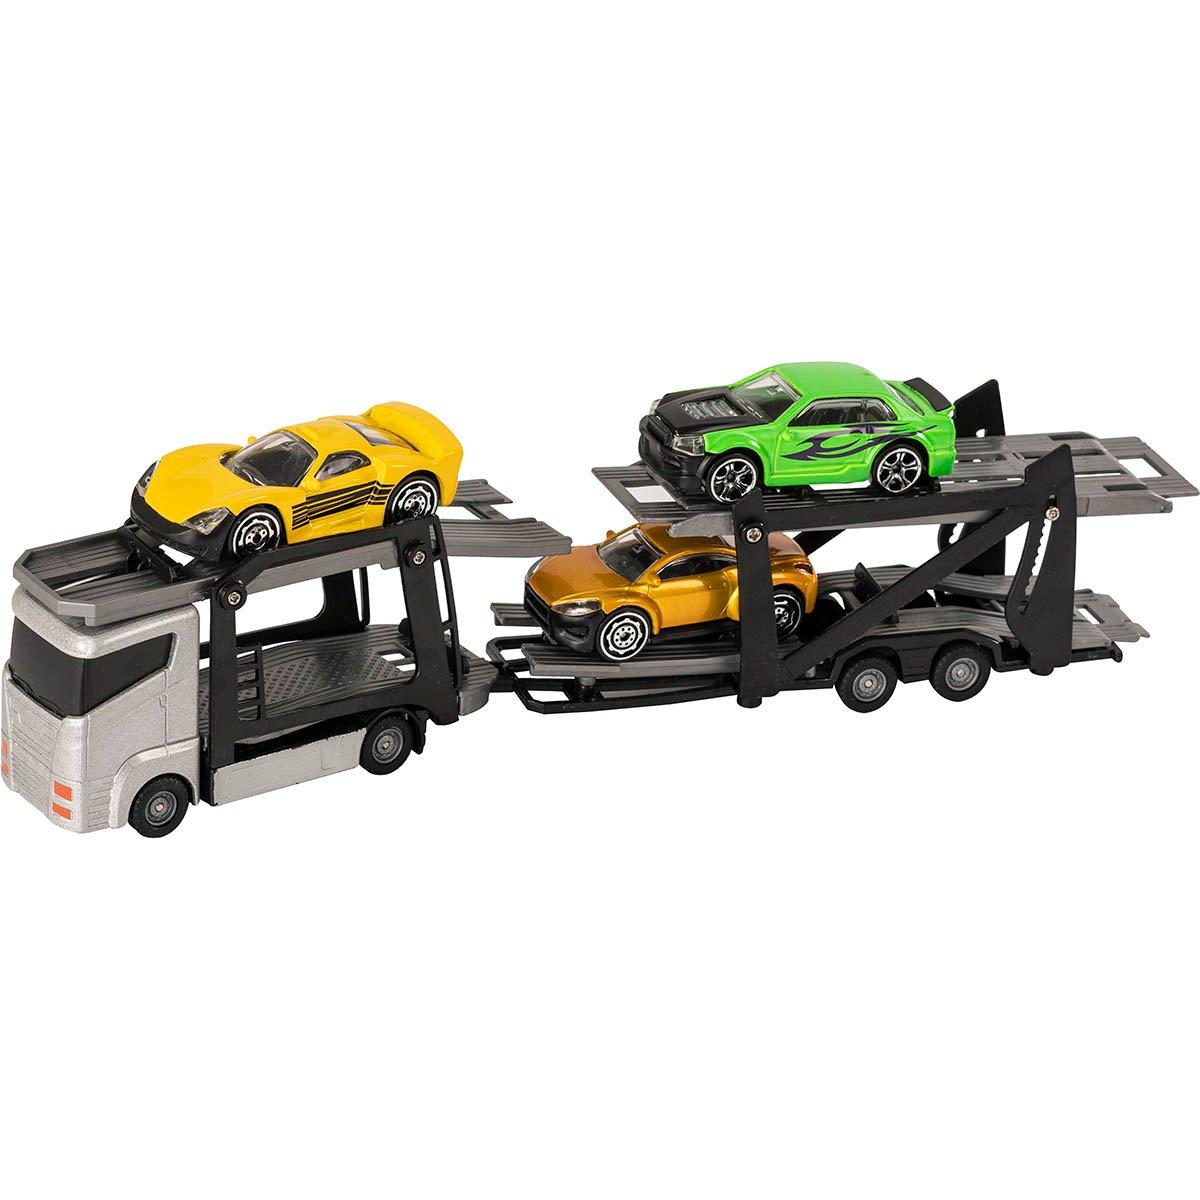 Set Camion transportator cu masinute Teamsterz, Gri